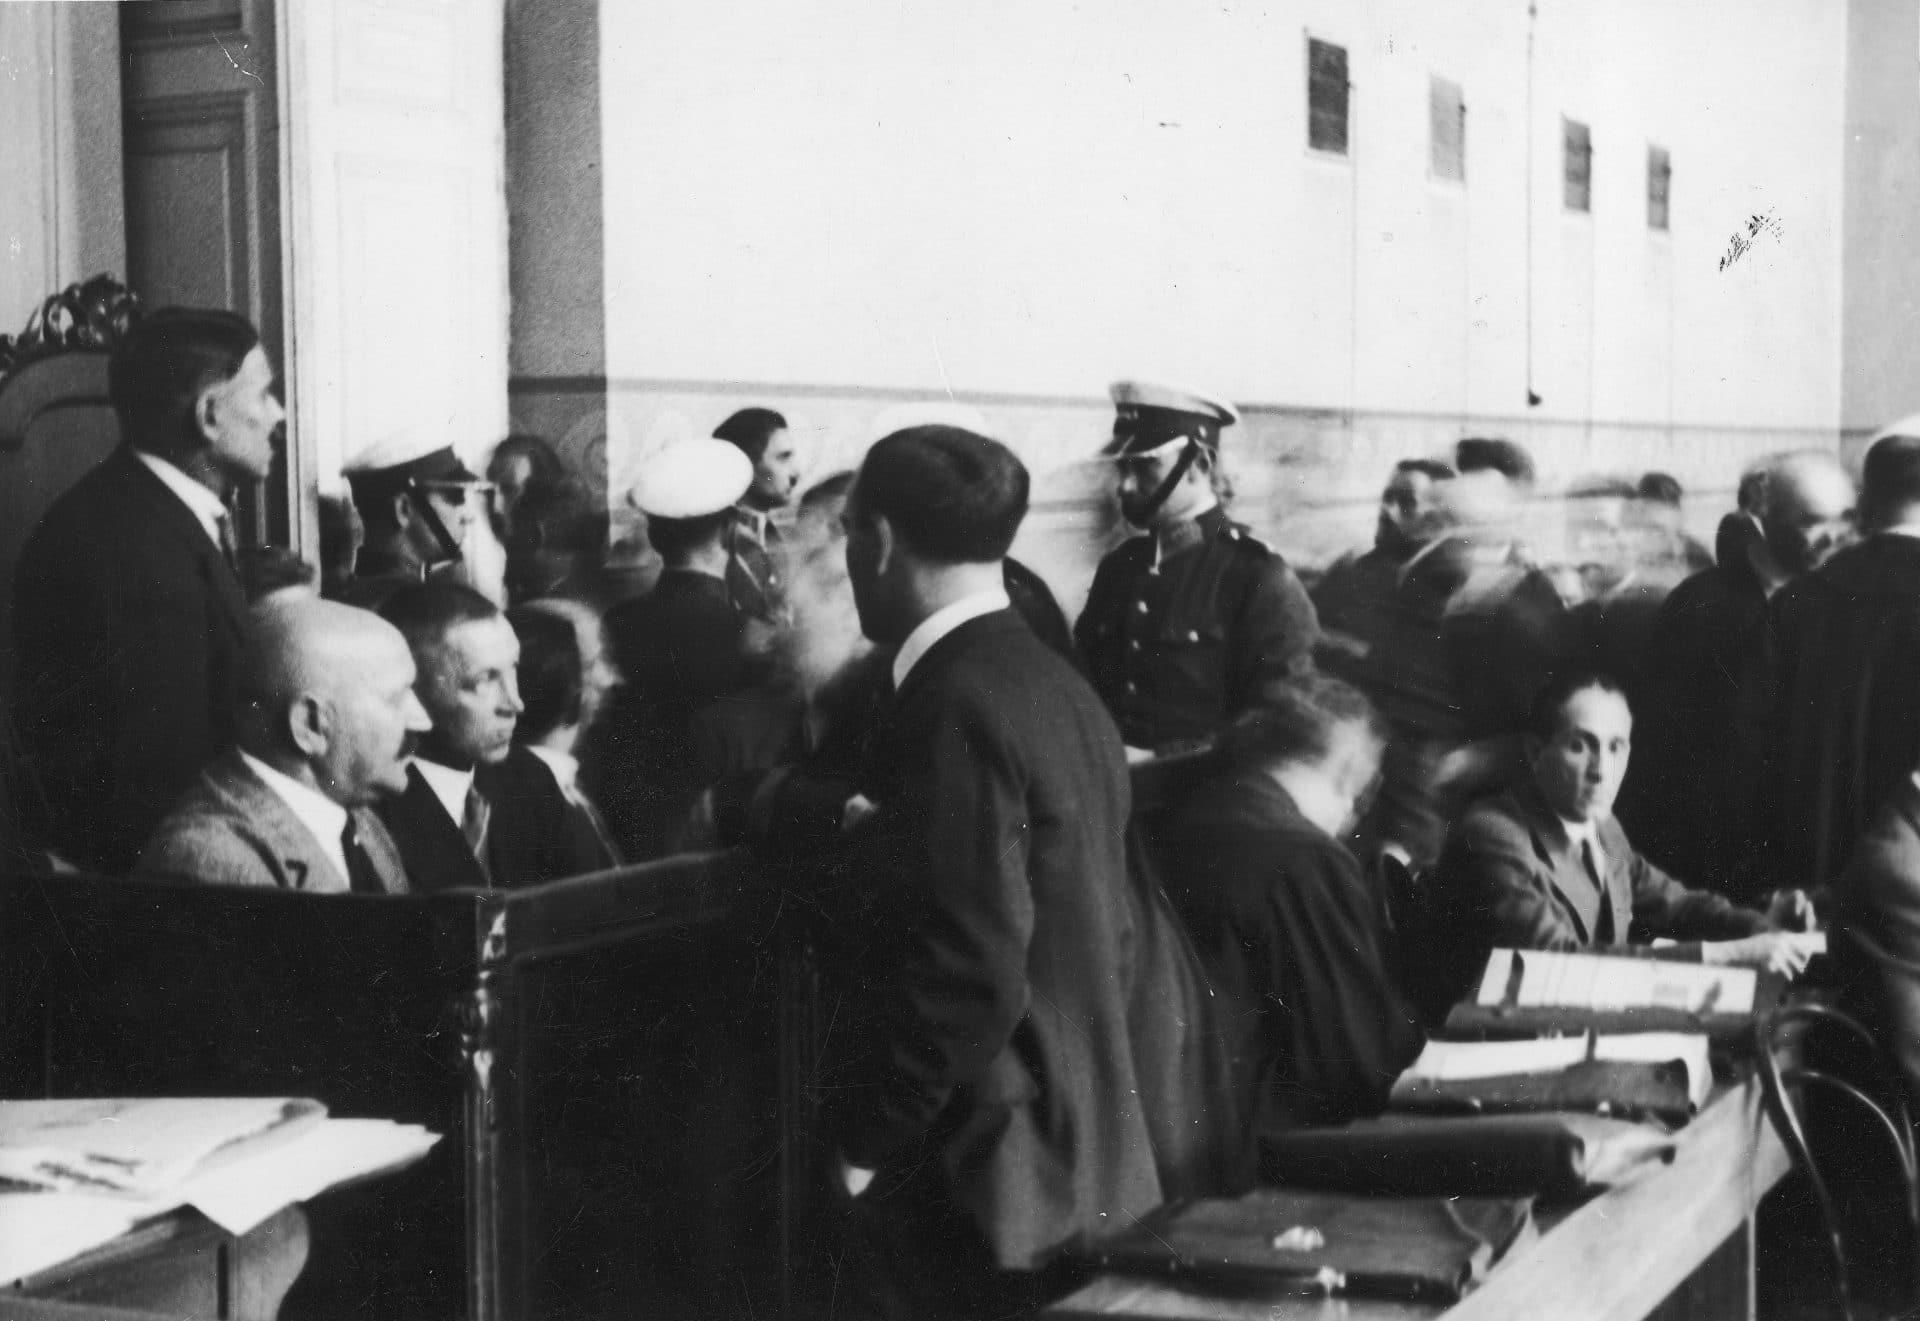 Proces grupy Taty Tasiemki w 1932 roku. Źródło: Narodowe Archiwum Cyfrowe.